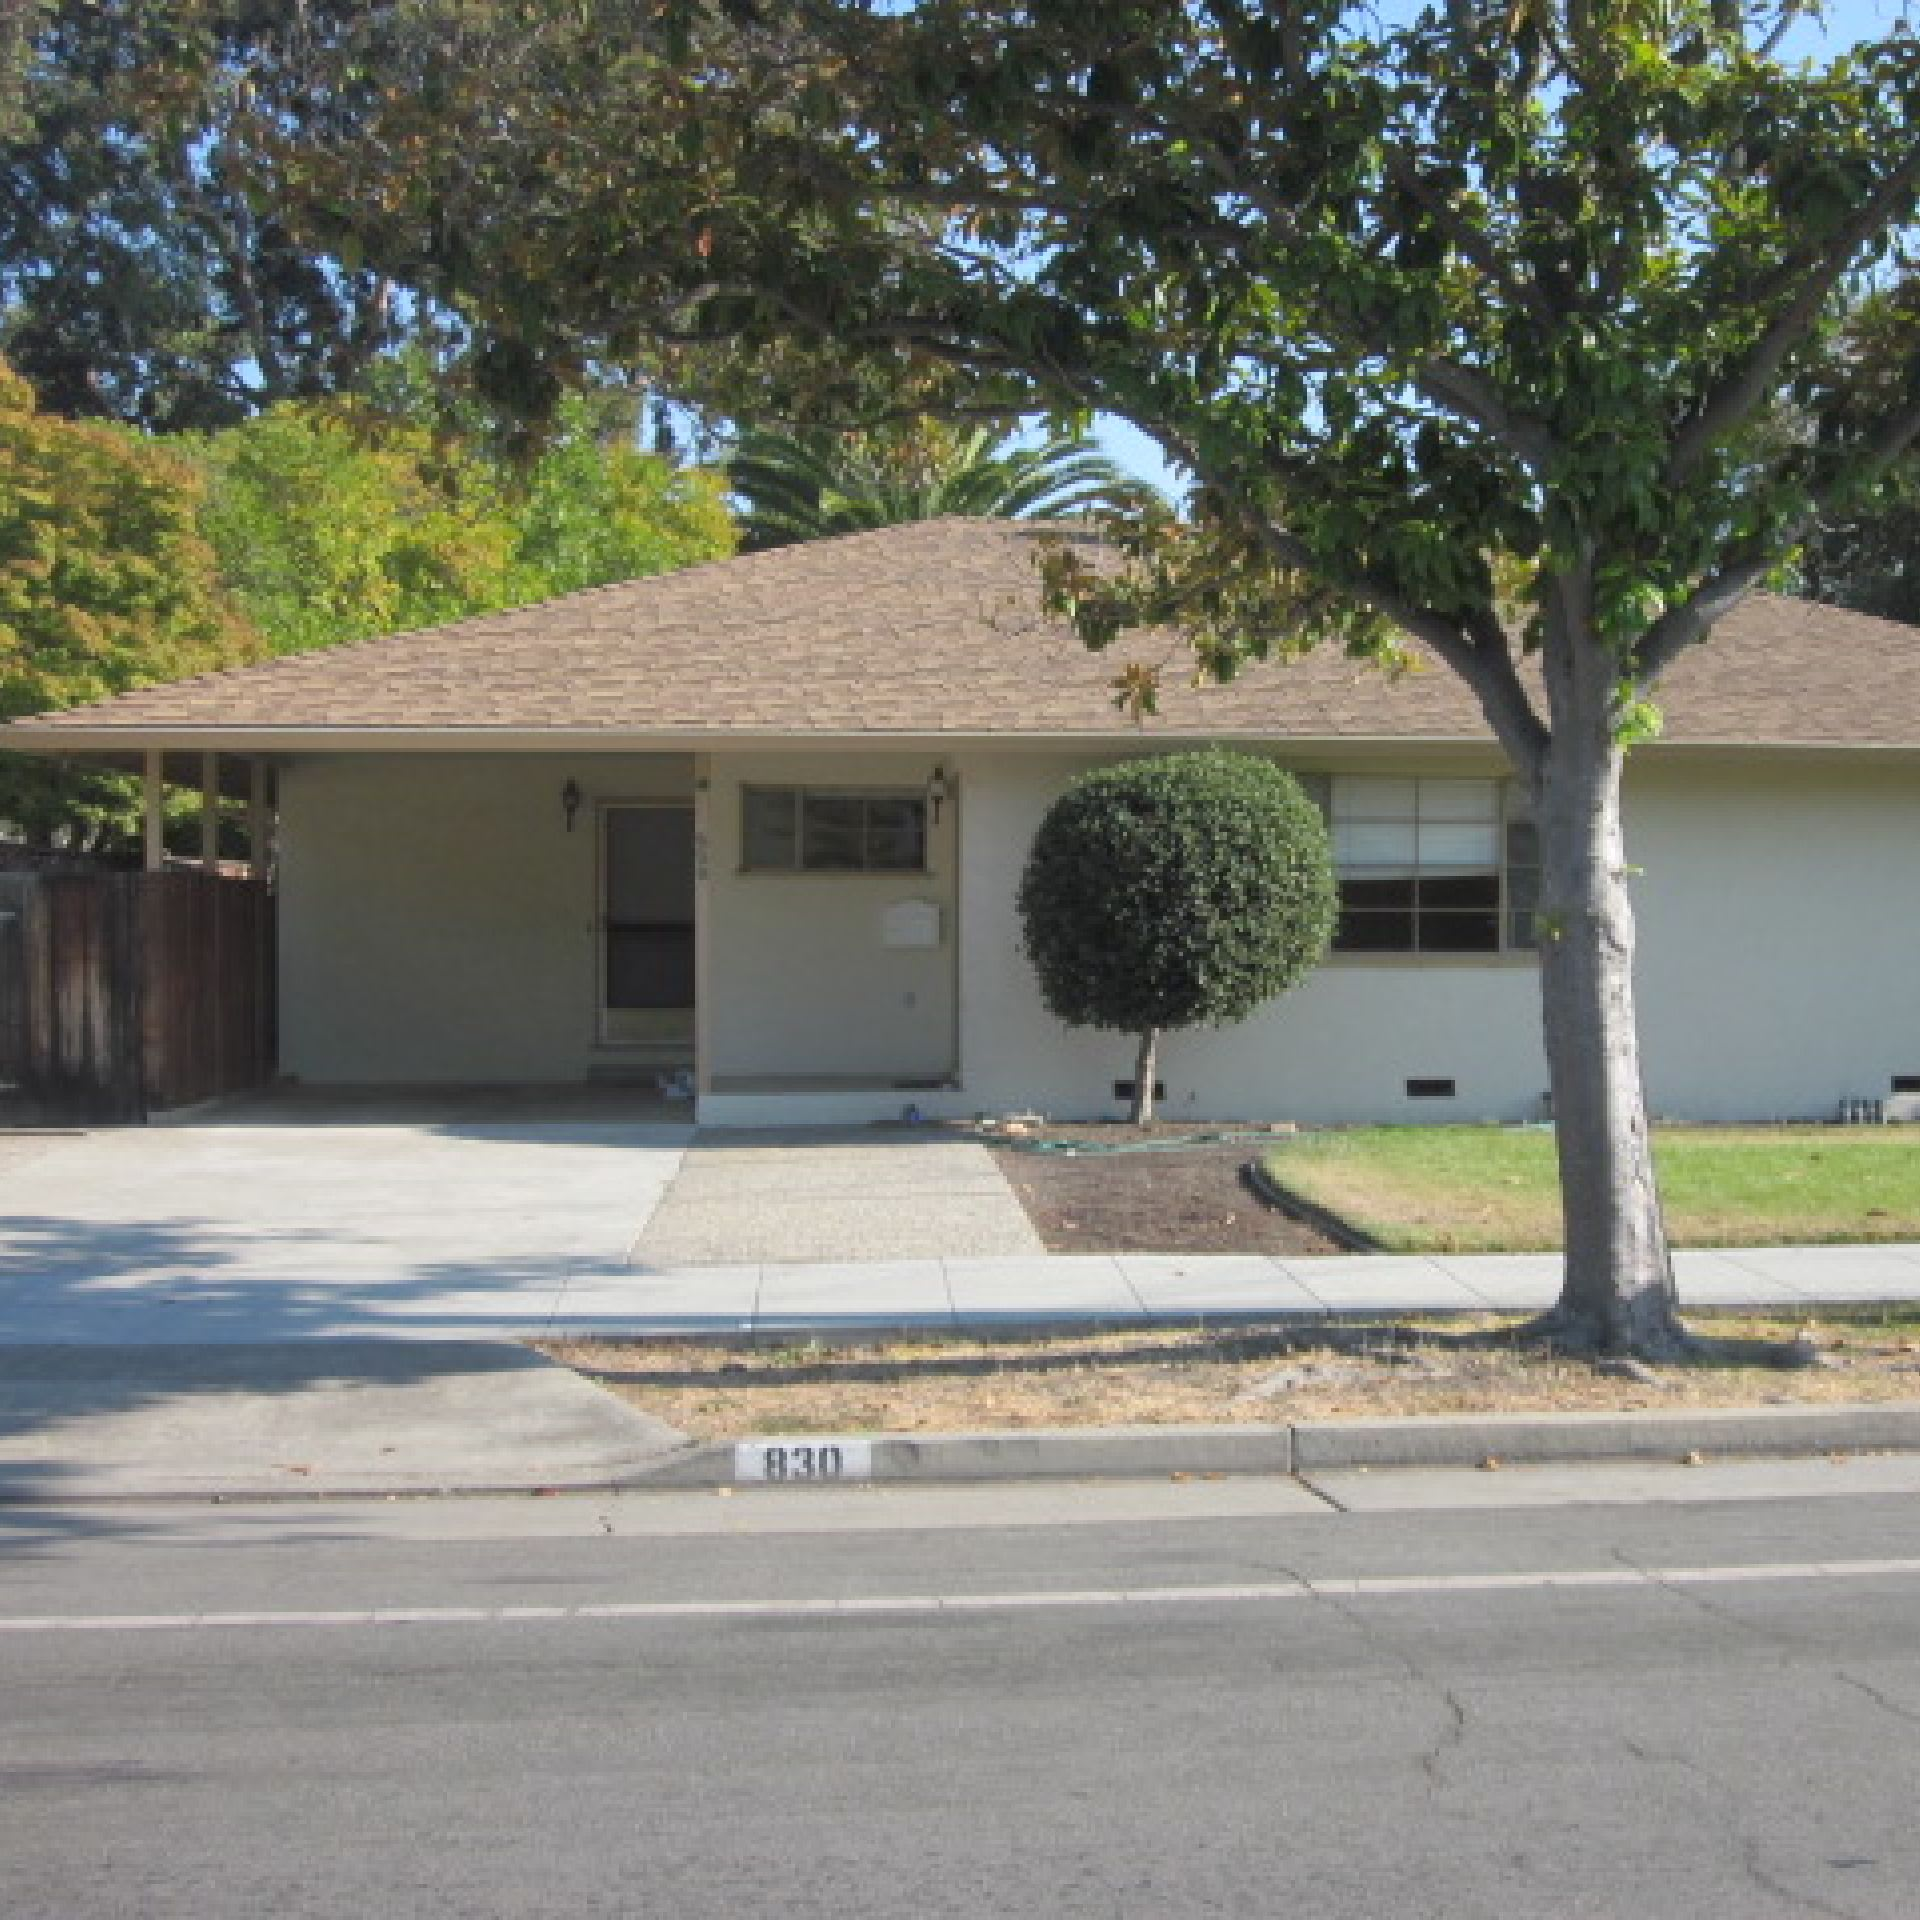 3BR/2BA house in Palo Alto